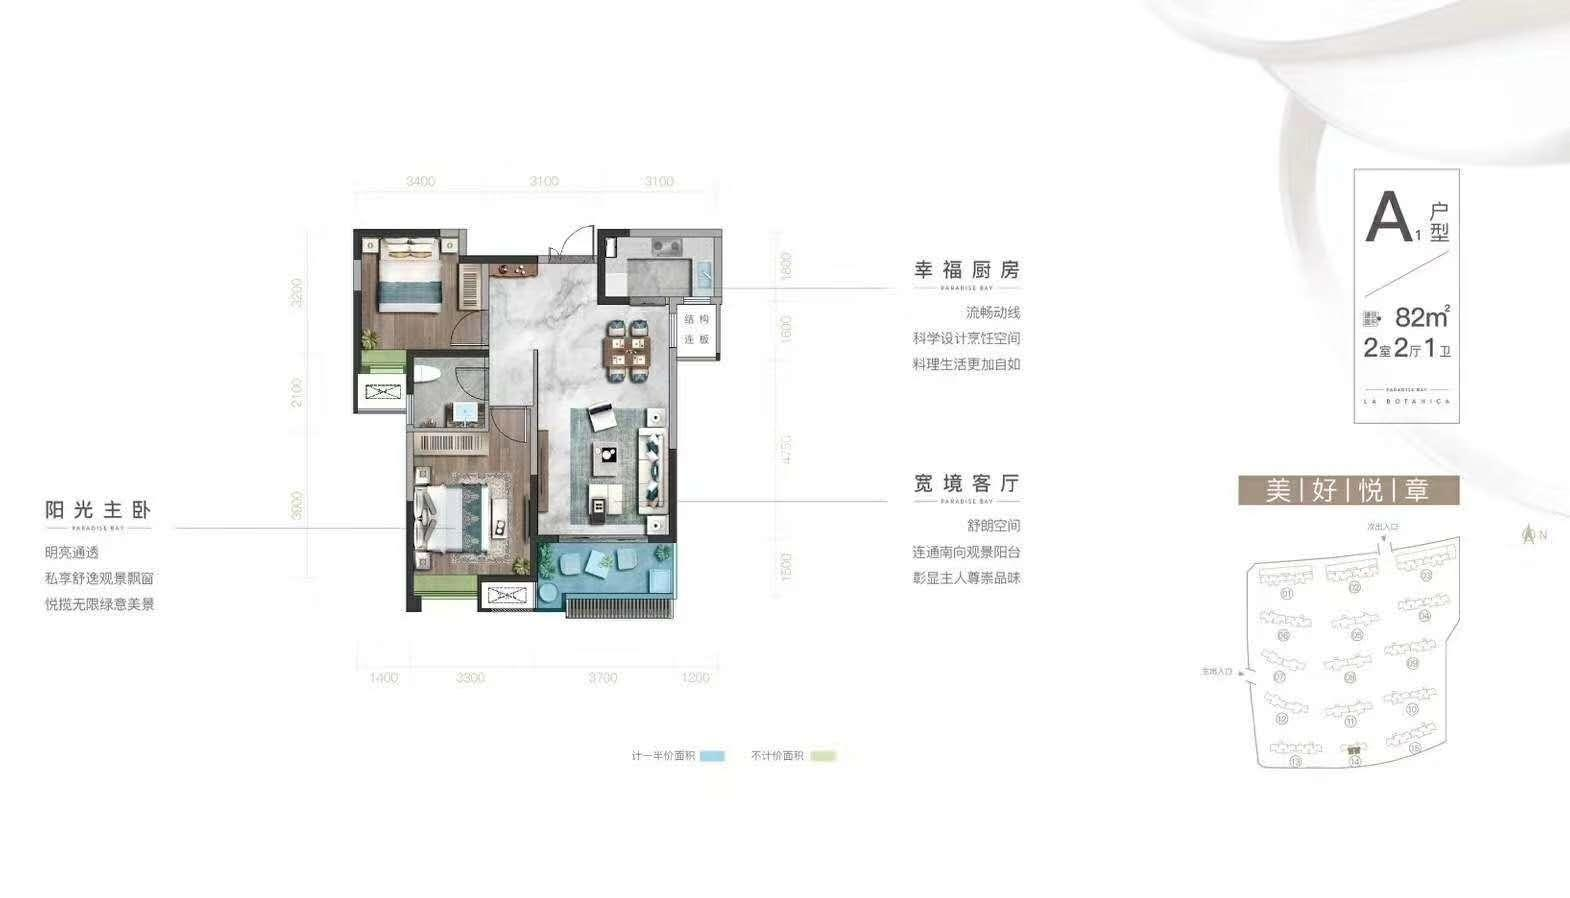 御锦城82㎡两室两厅一卫